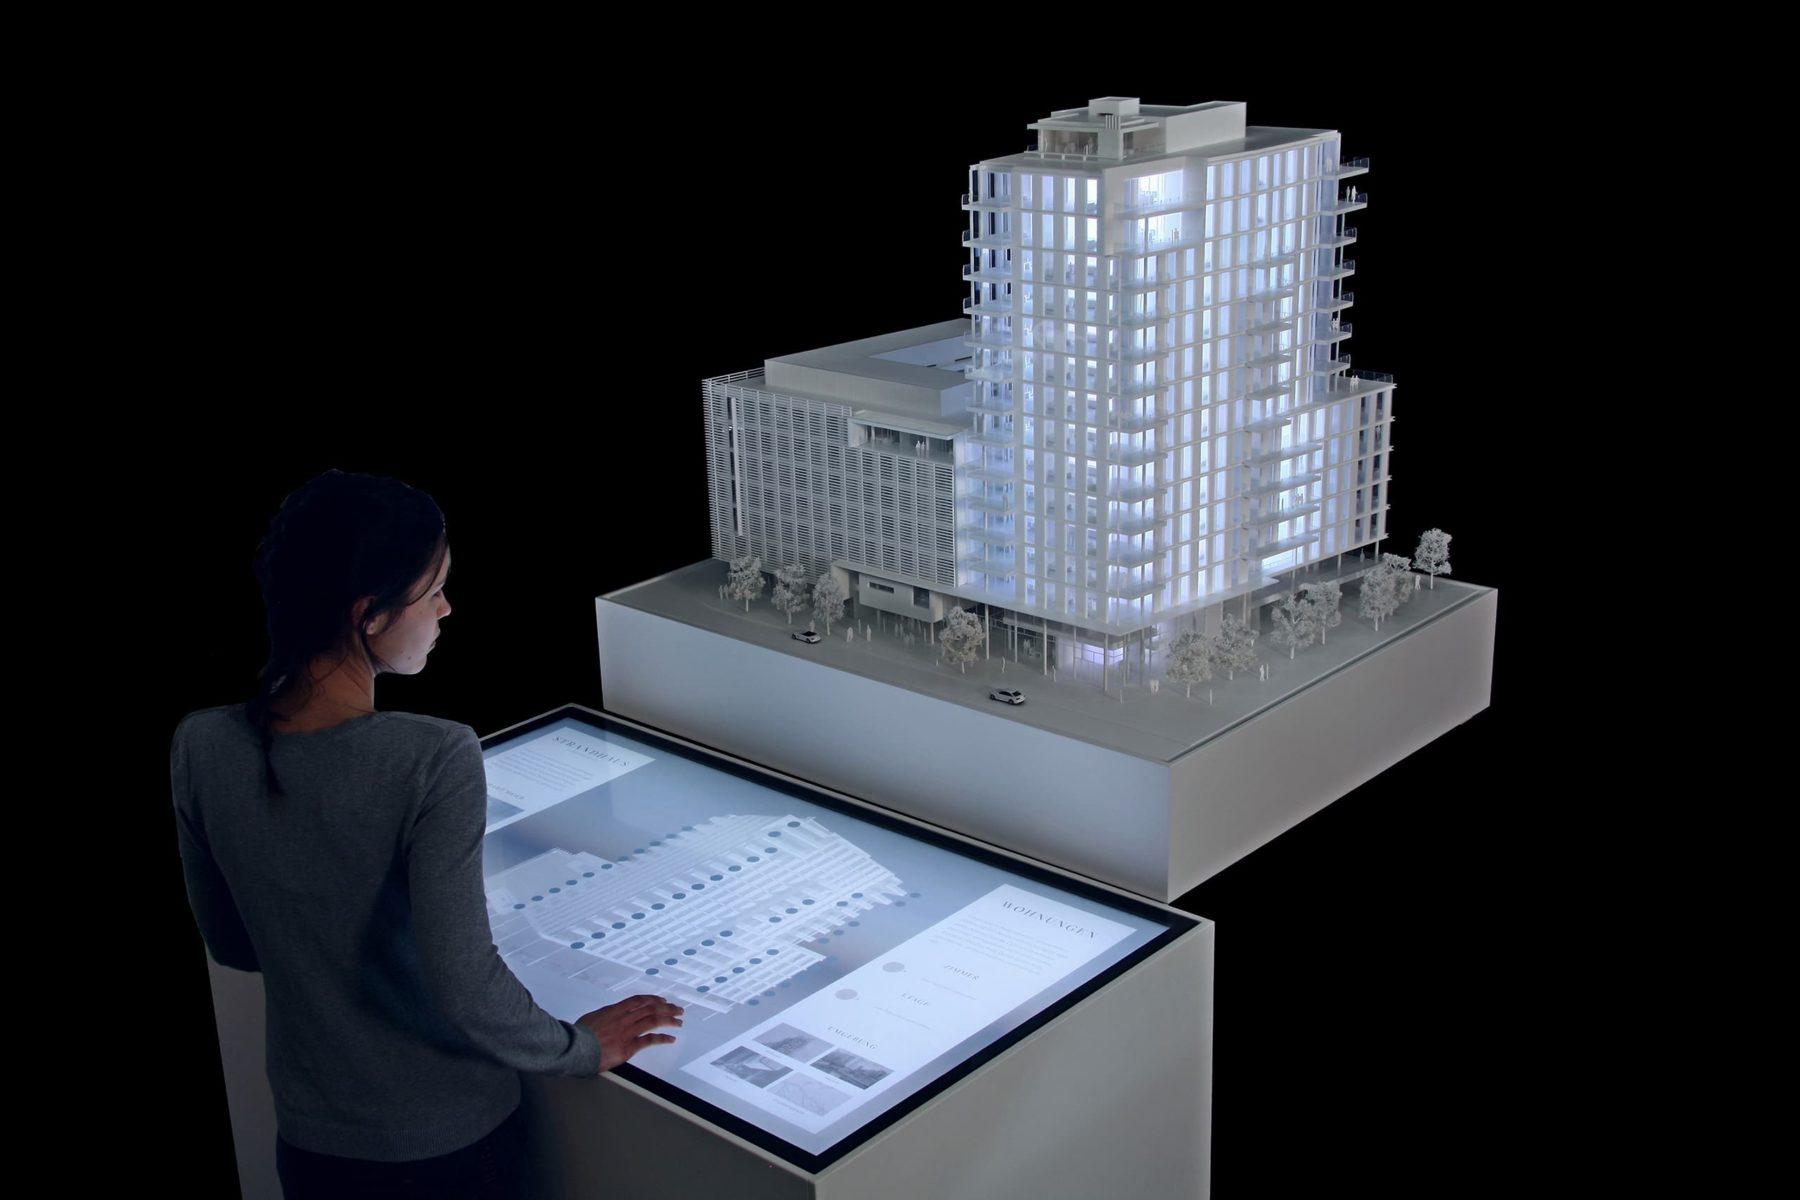 Architekturmodell Quantum Strandhaus von Richard Meier Architekten mit Real Estate Konfigurator auf Multitouch Tisch